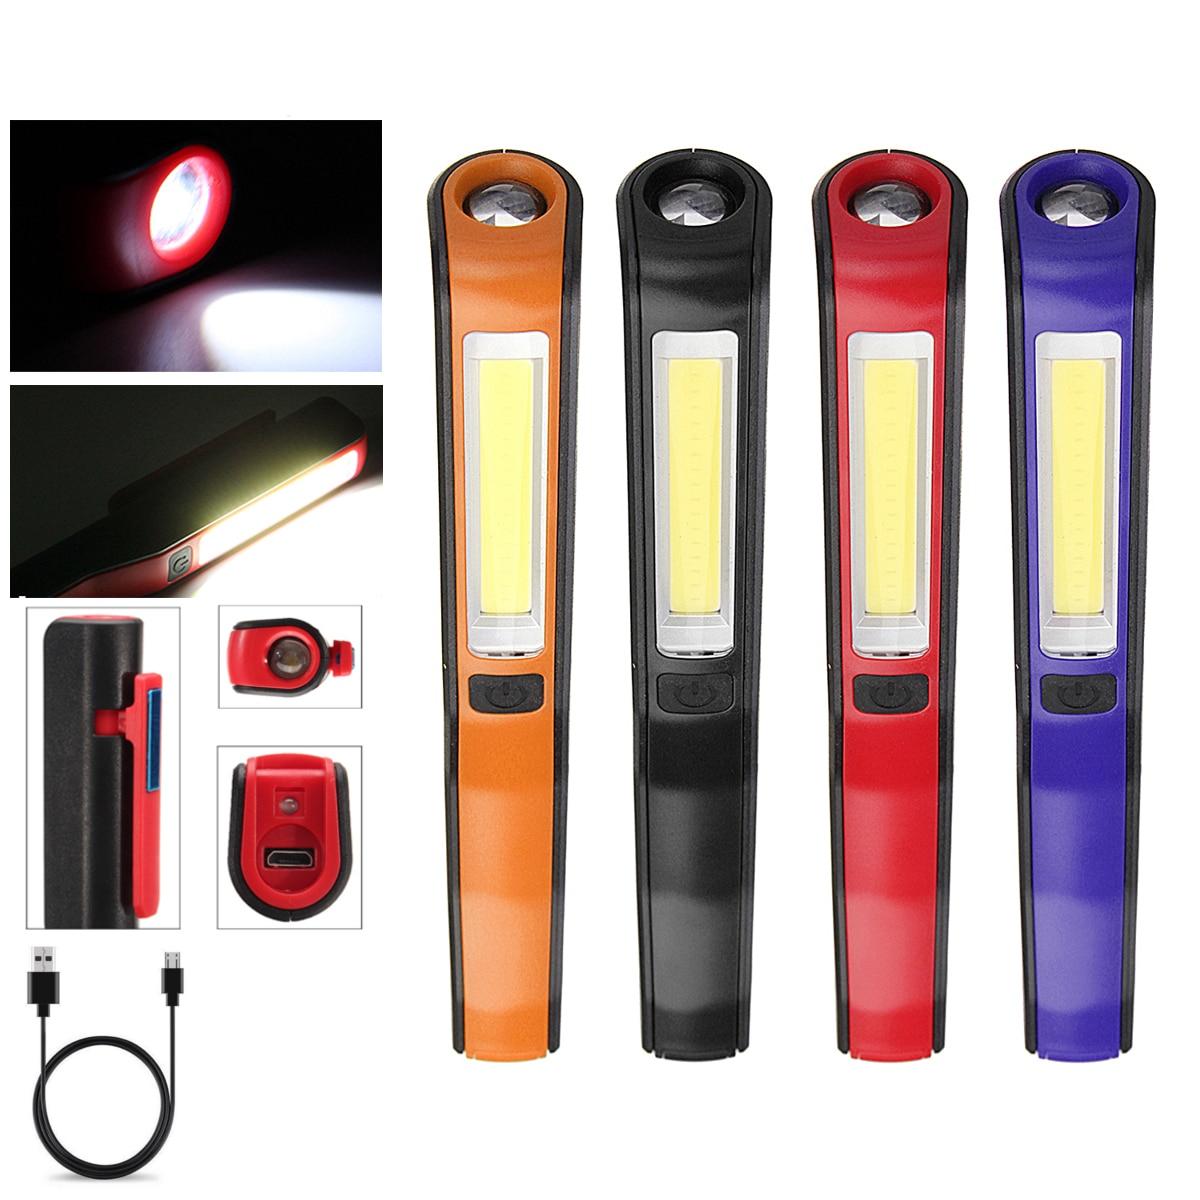 Nett Led Cob Wiederaufladbare Magnetische Taschenlampe Inspektion Lampe Arbeit Licht Notfall Lampe Für Outdoor Camping Angeln Tragbare Laternen